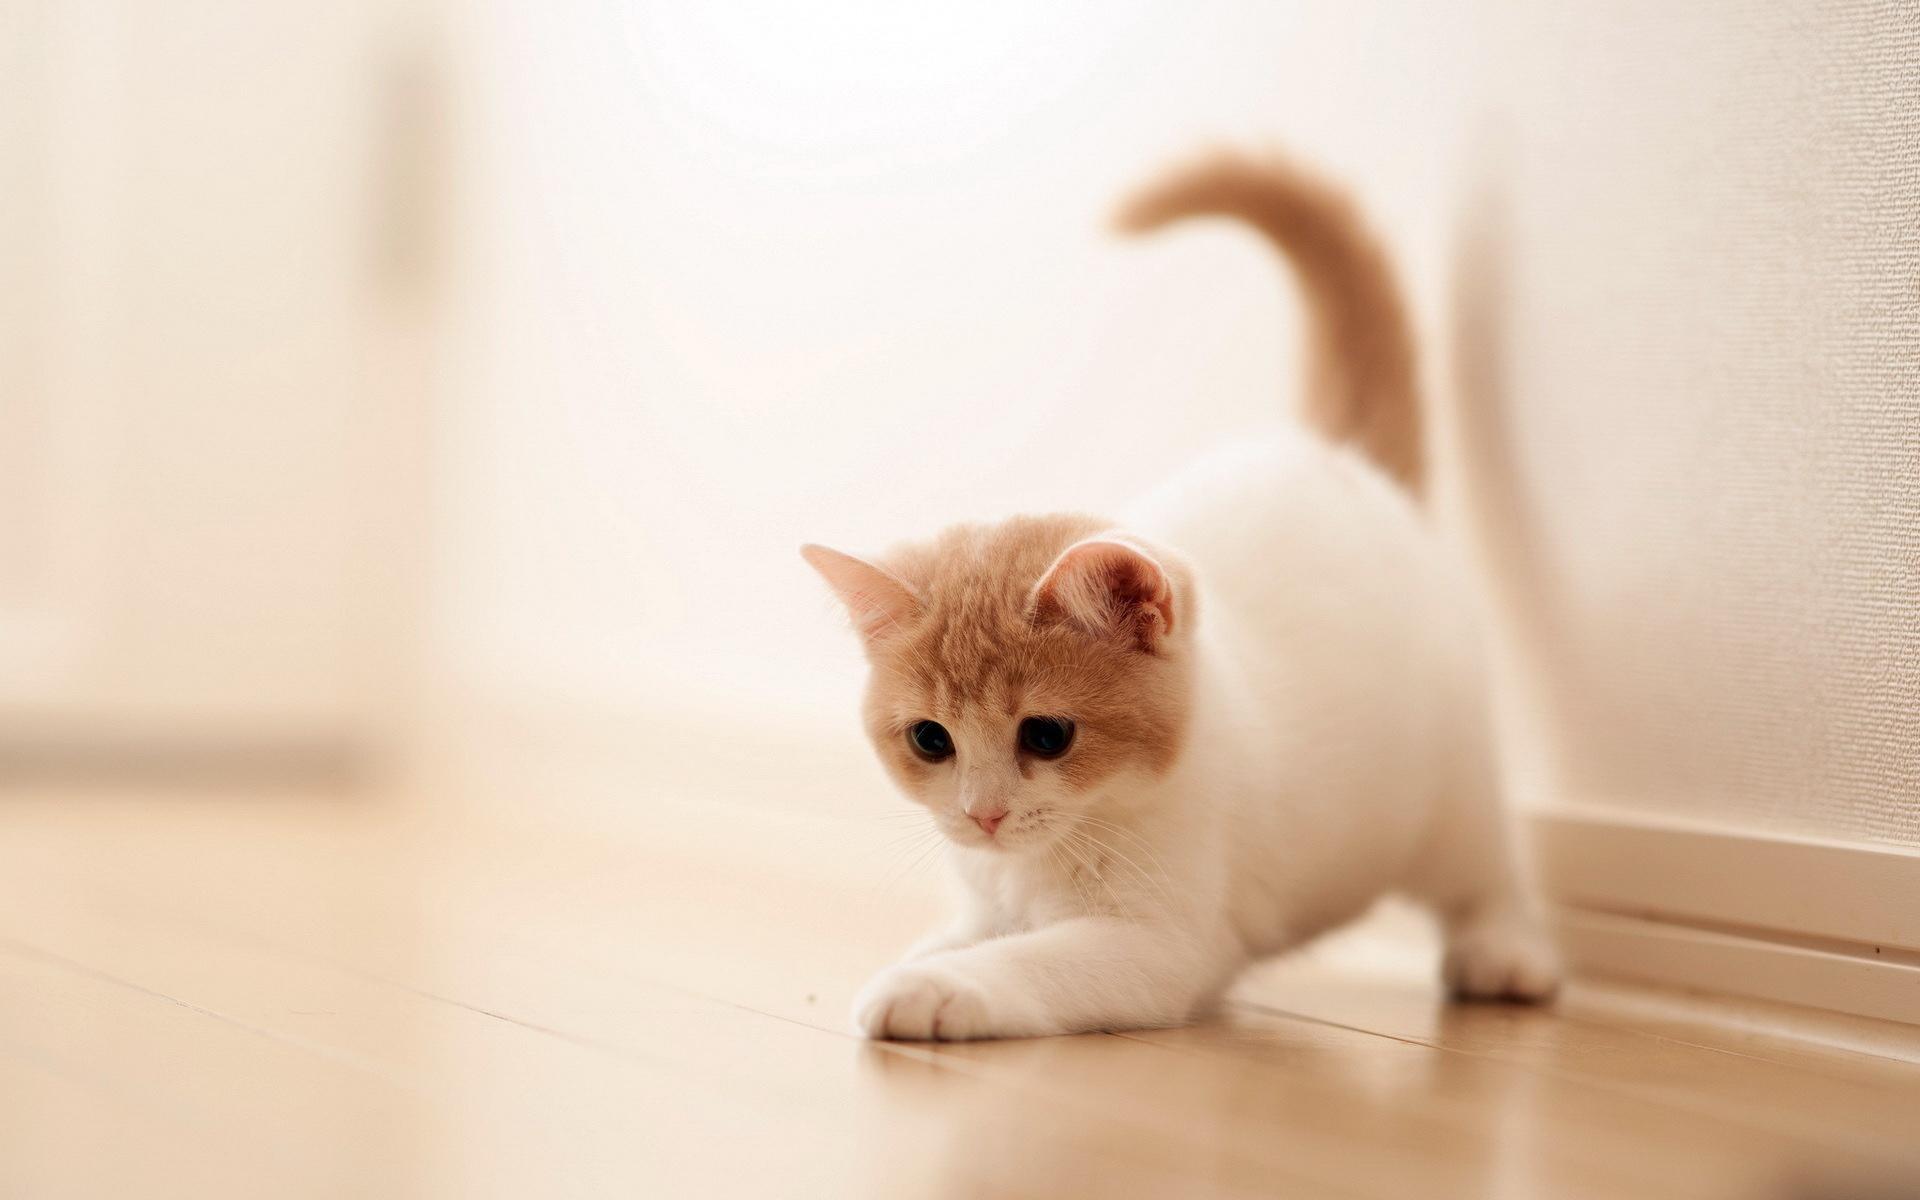 Hình nền mèo đáng yêu đẹp nhất